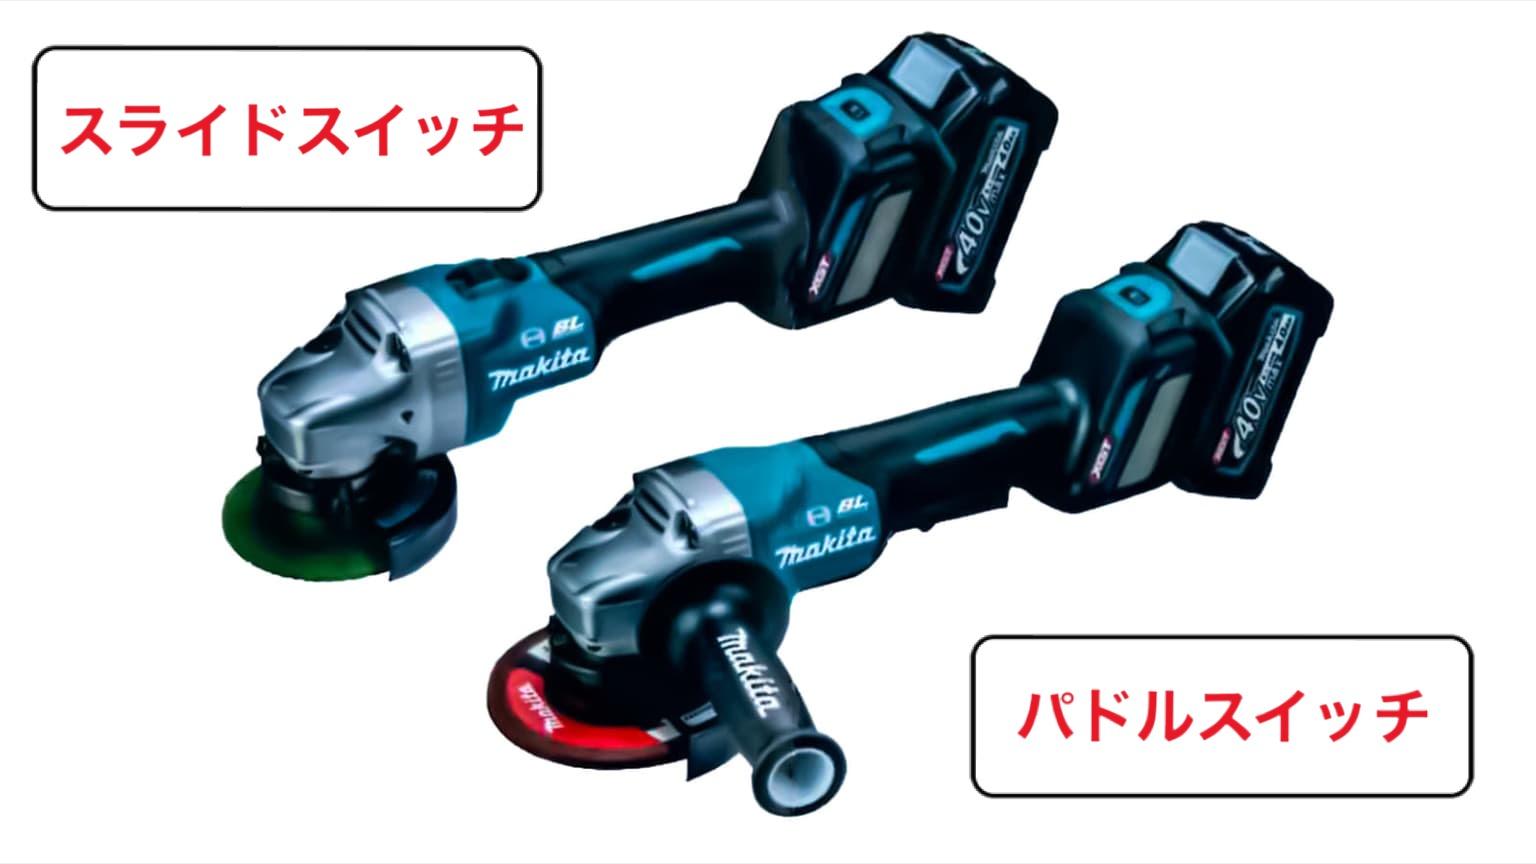 マキタ 40V 125� 充電式ディスクグラインダーGA020/GA018